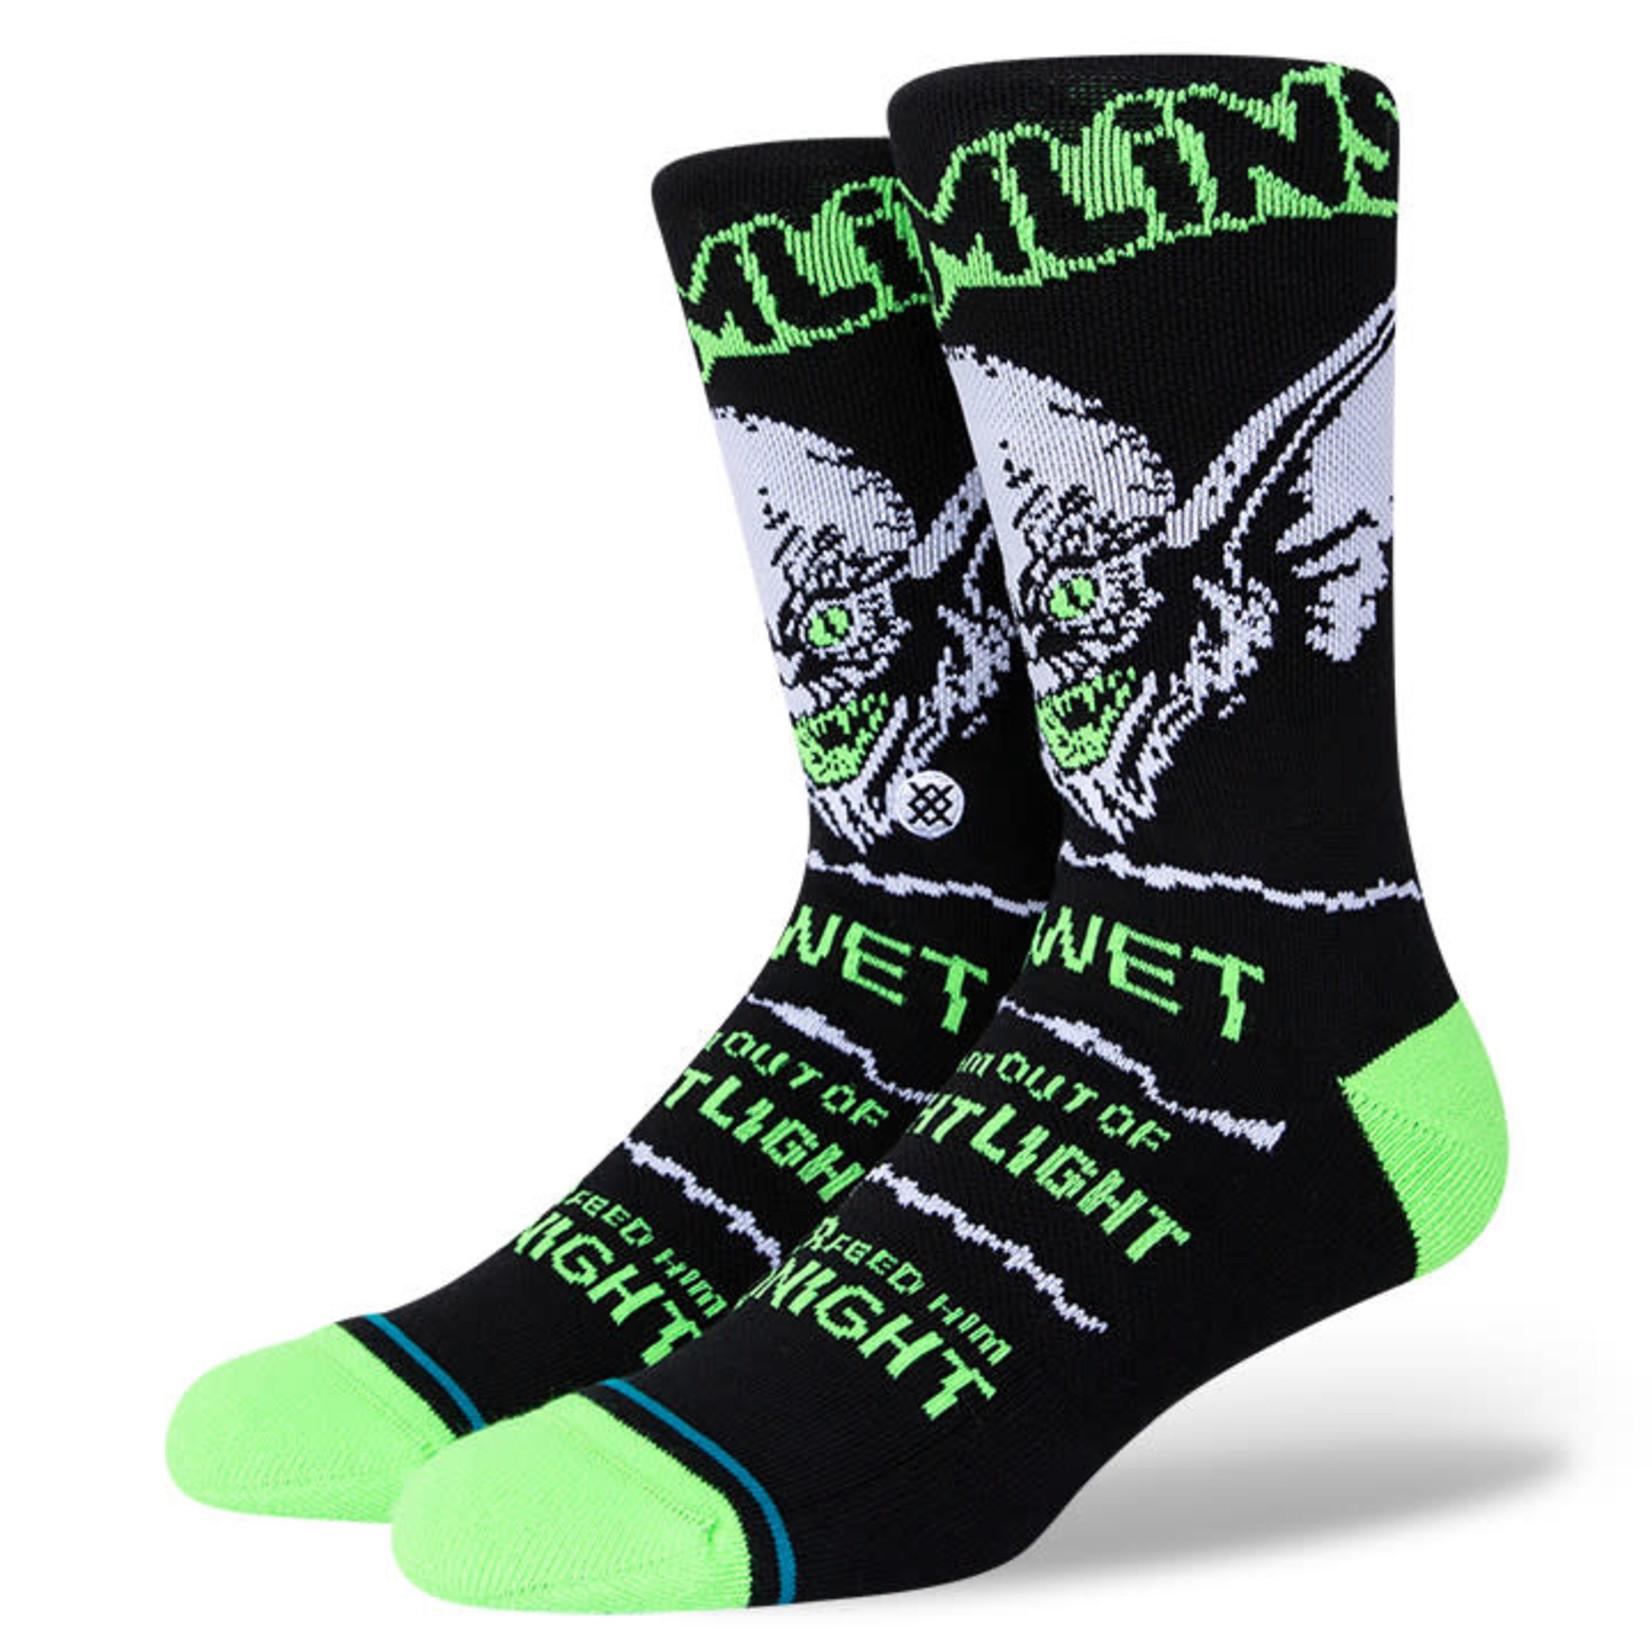 Stance Stance Socks Gremlins Bright Light L (Men 9-13 / Women 11-14)